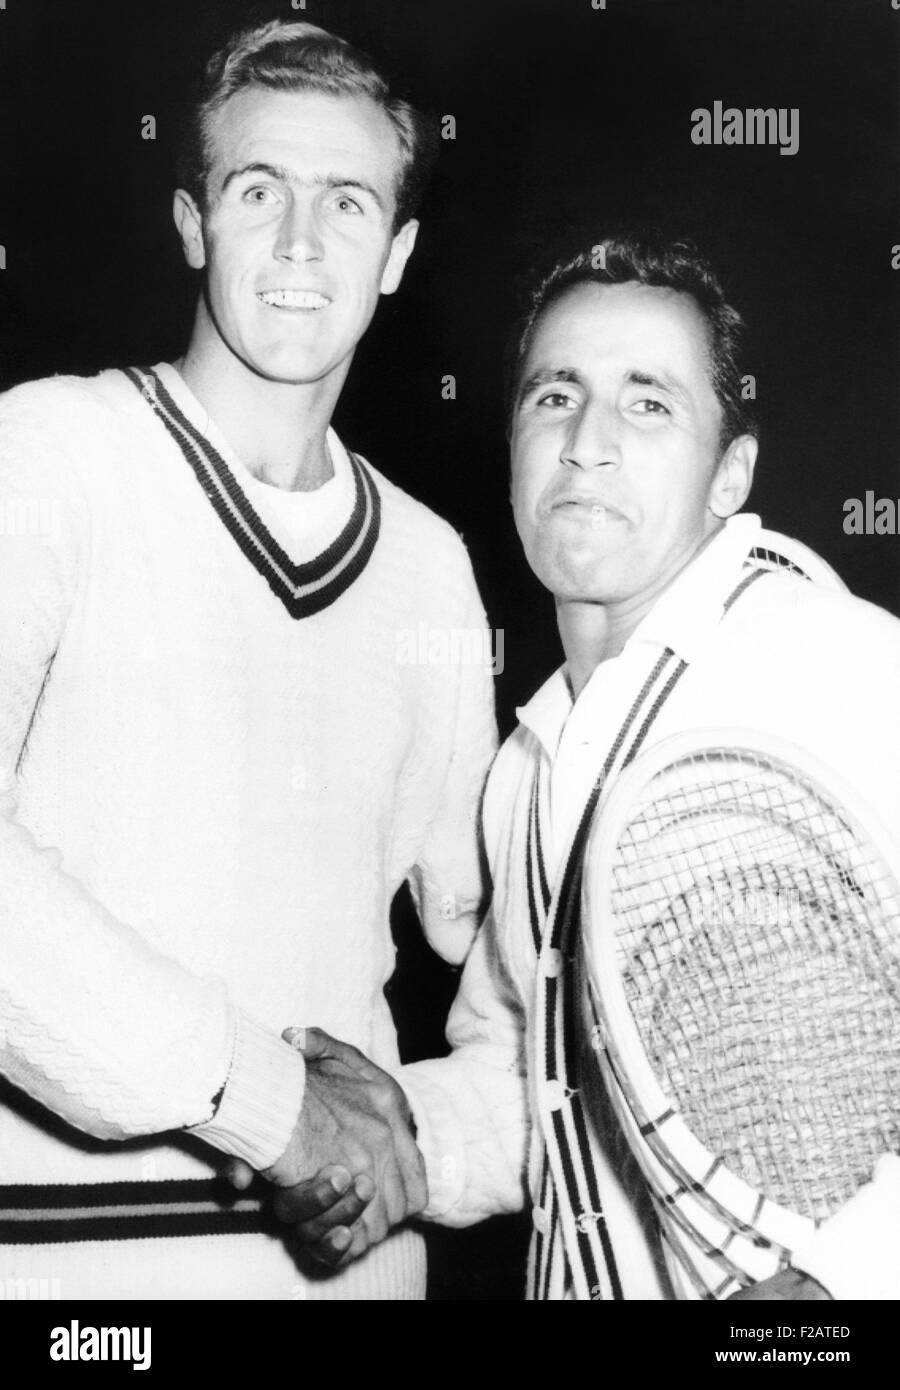 Tennis Pros Ecuador s of Pancho Segura right and Ken McGregor